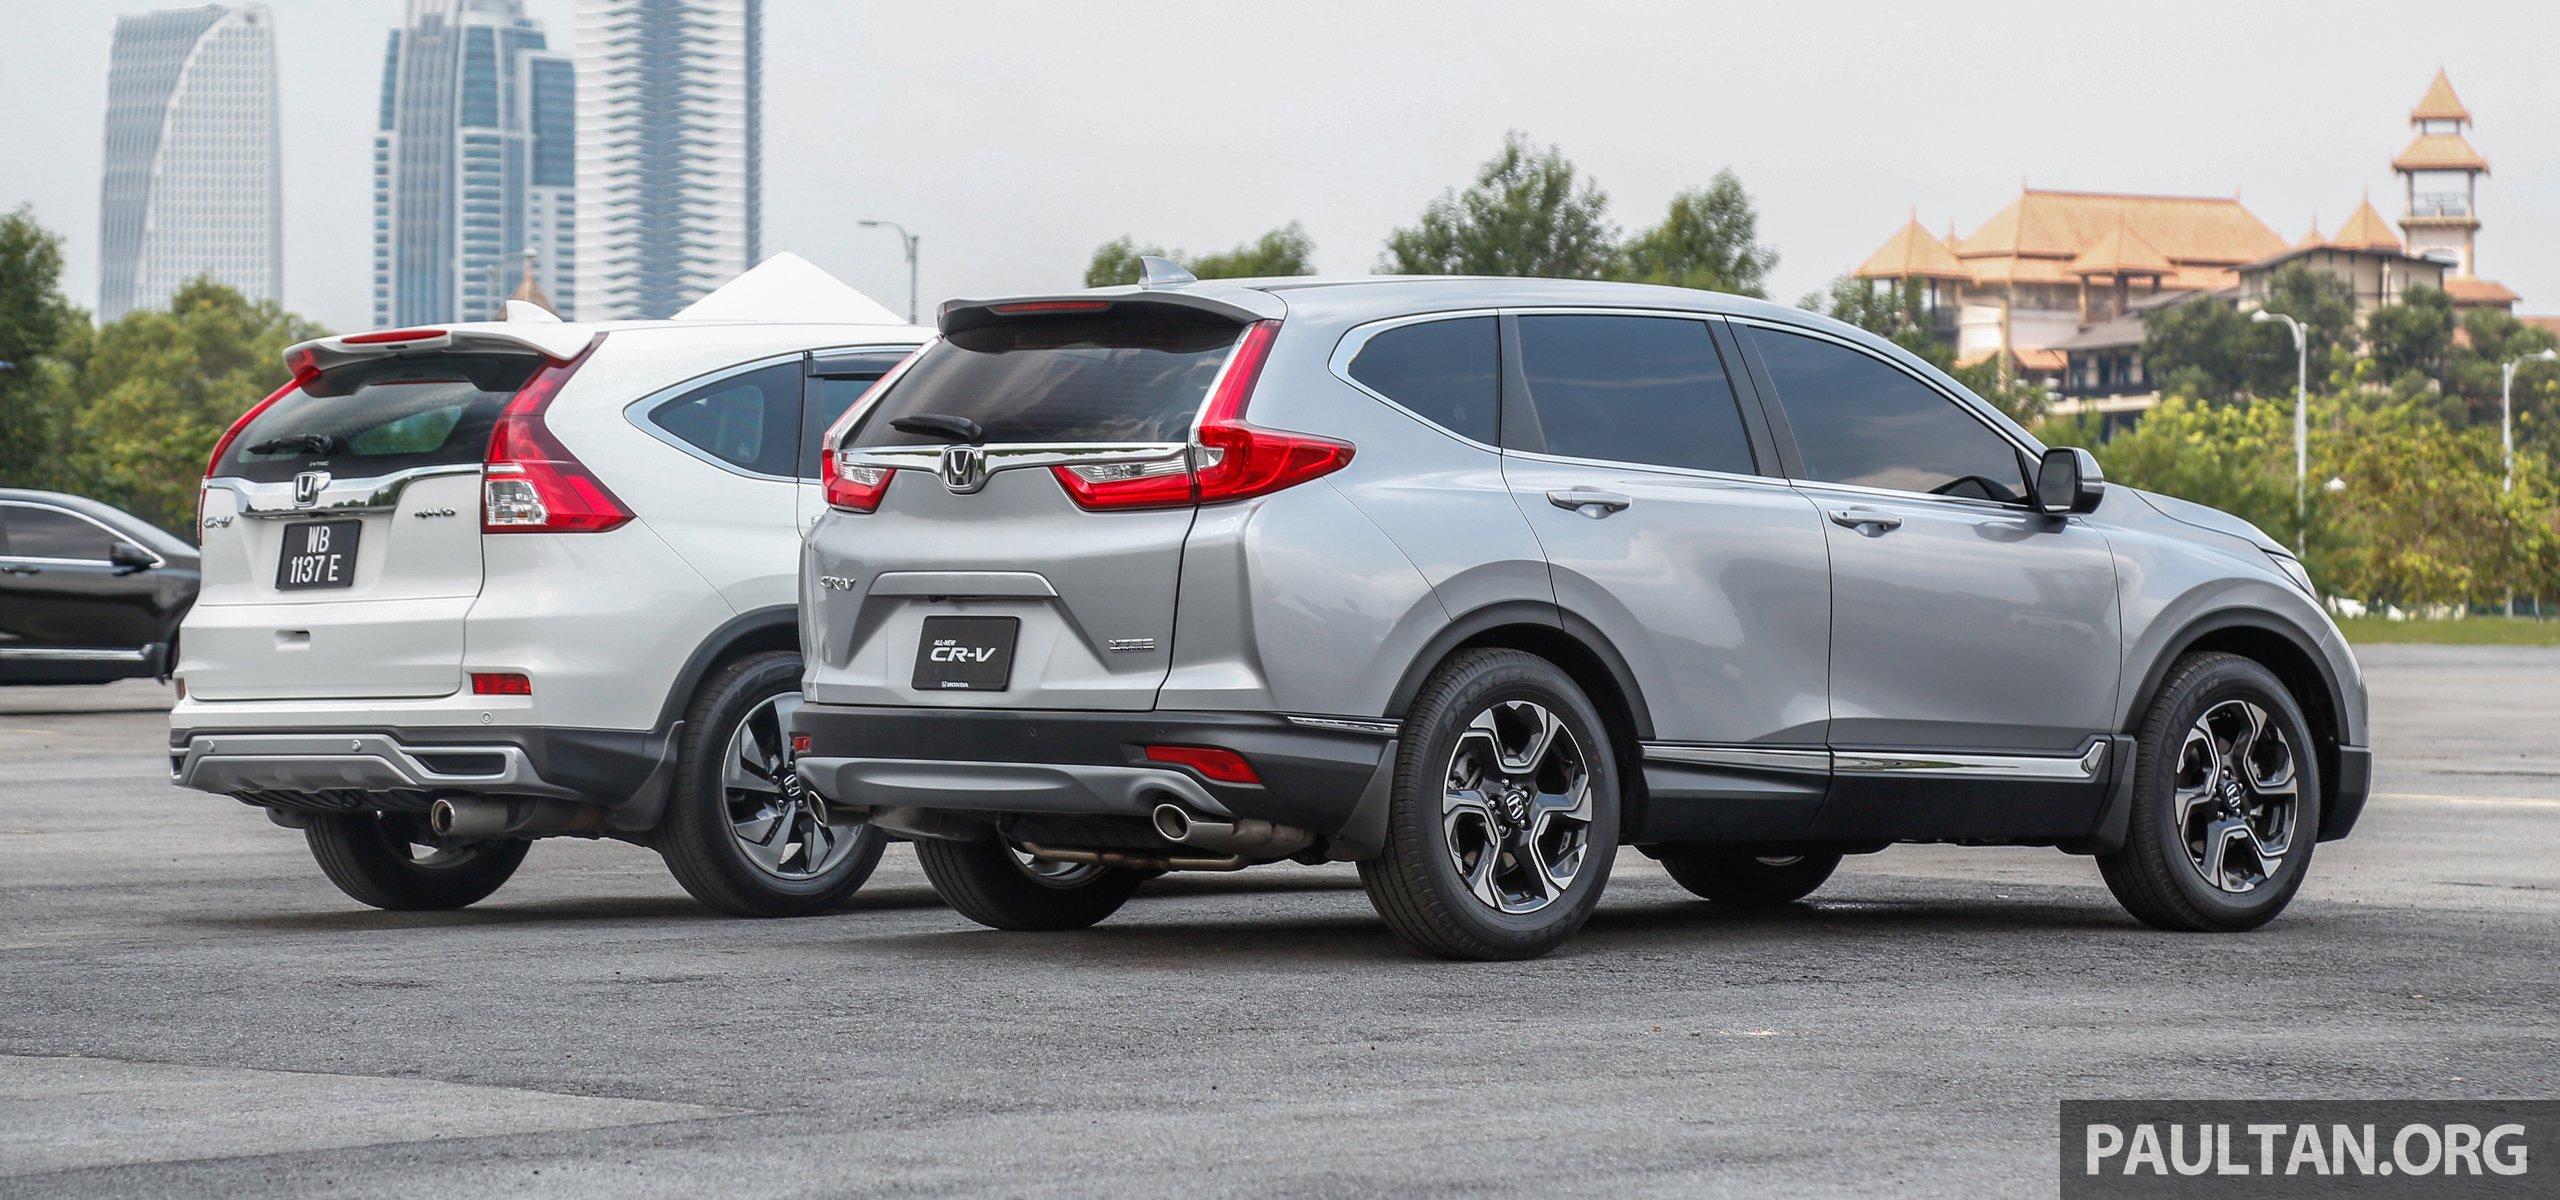 GALLERY: Honda CR-V - new 1.5L Turbo vs old 2.4L